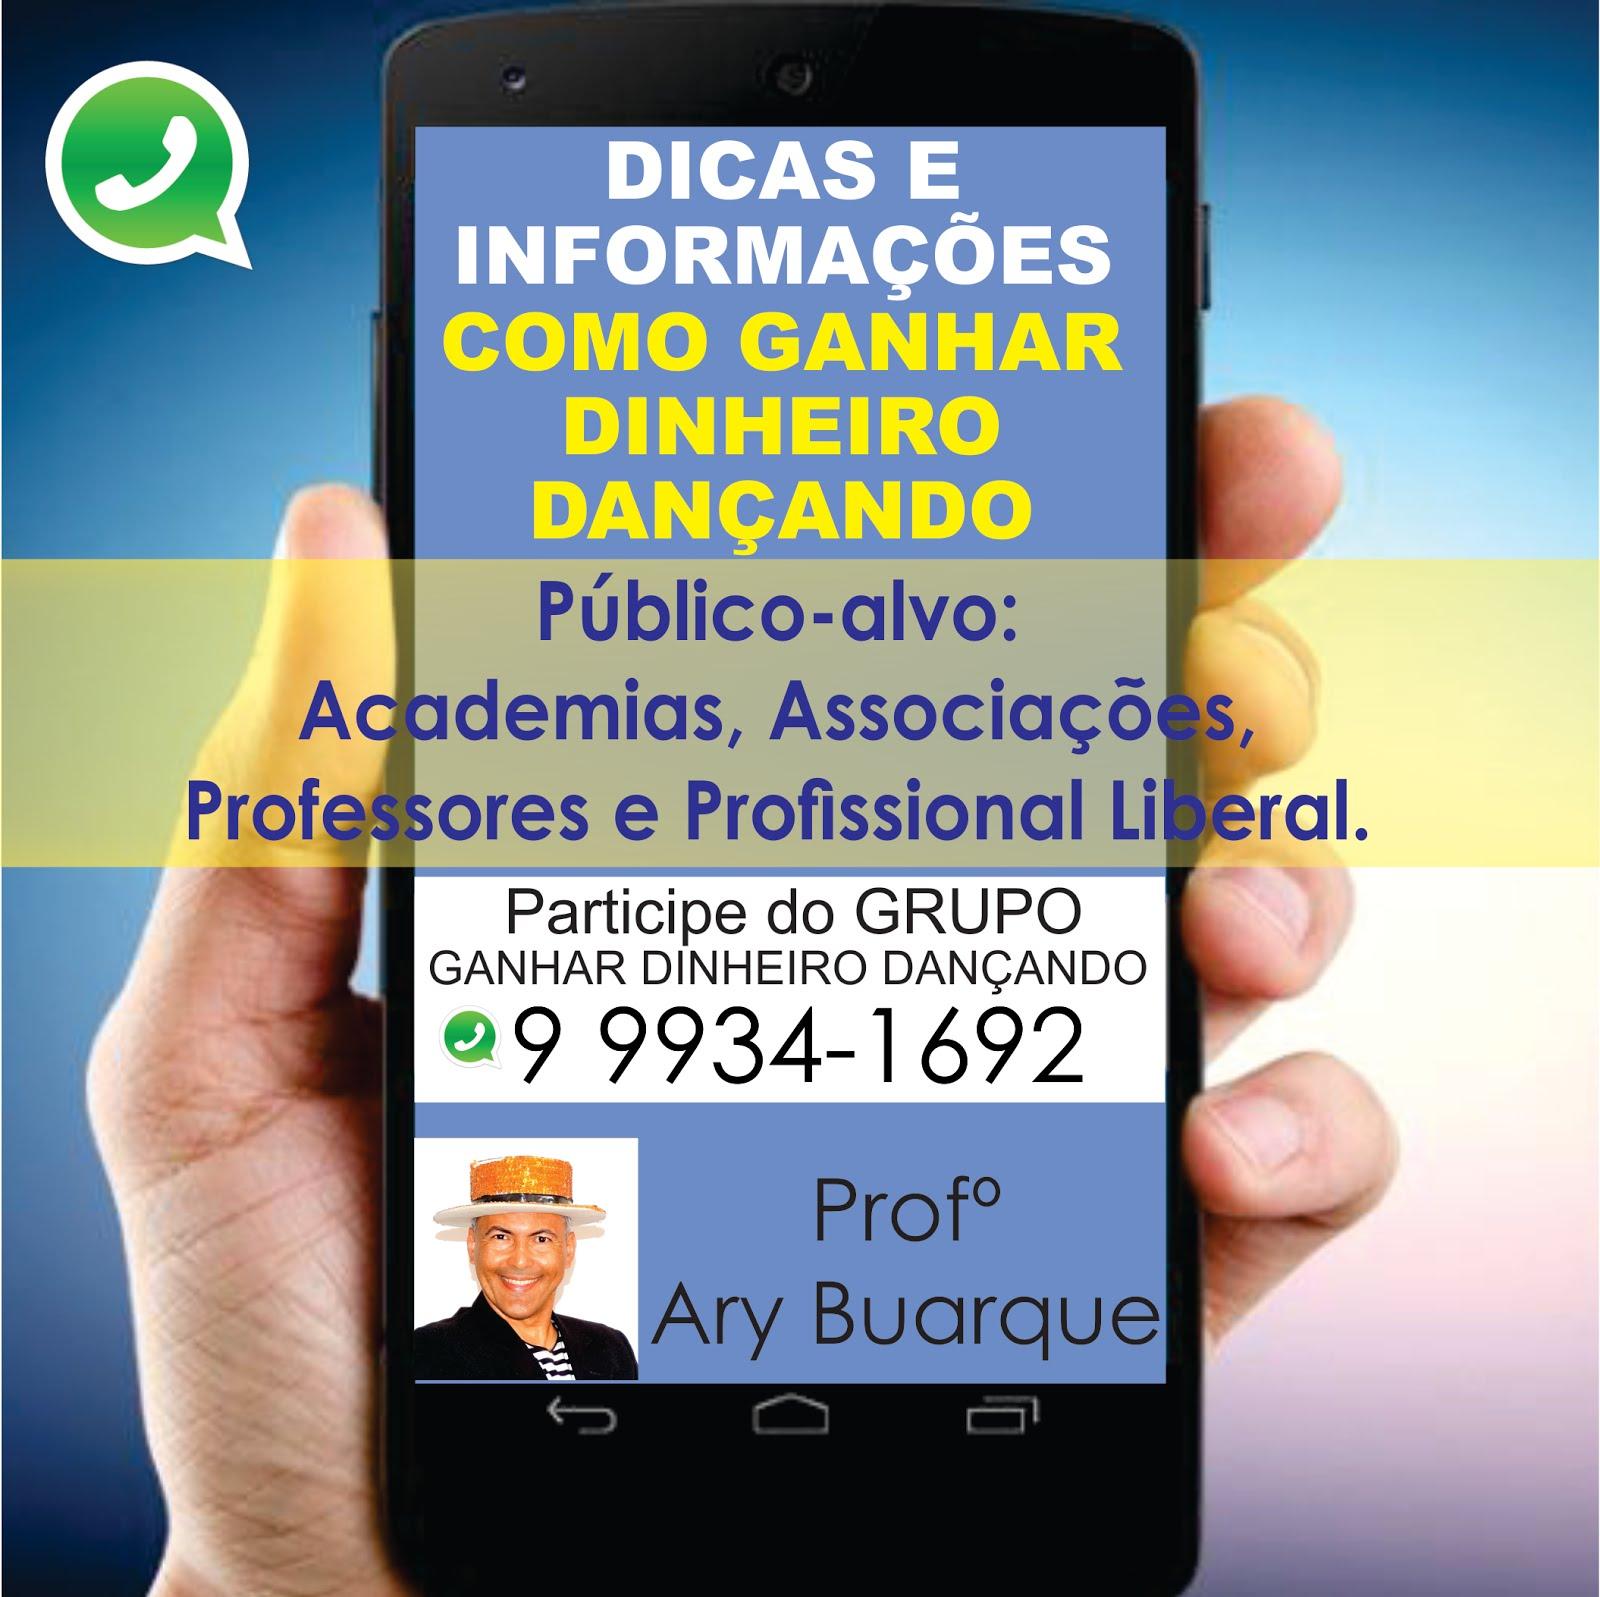 GANHAR DINHEIRO DANÇANDO